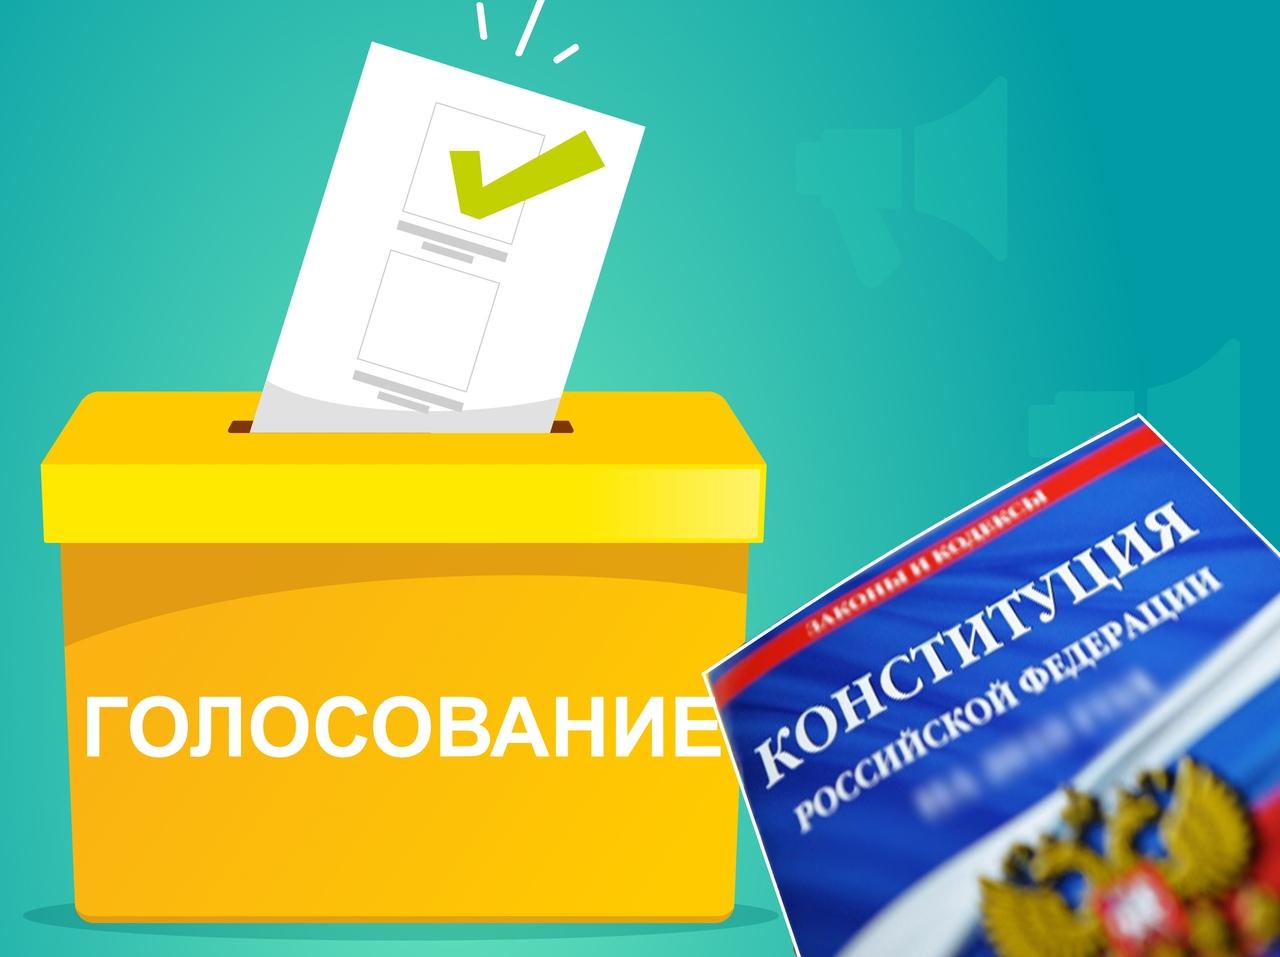 Россияне смогут выбрать удобное для себя время голосования на дому